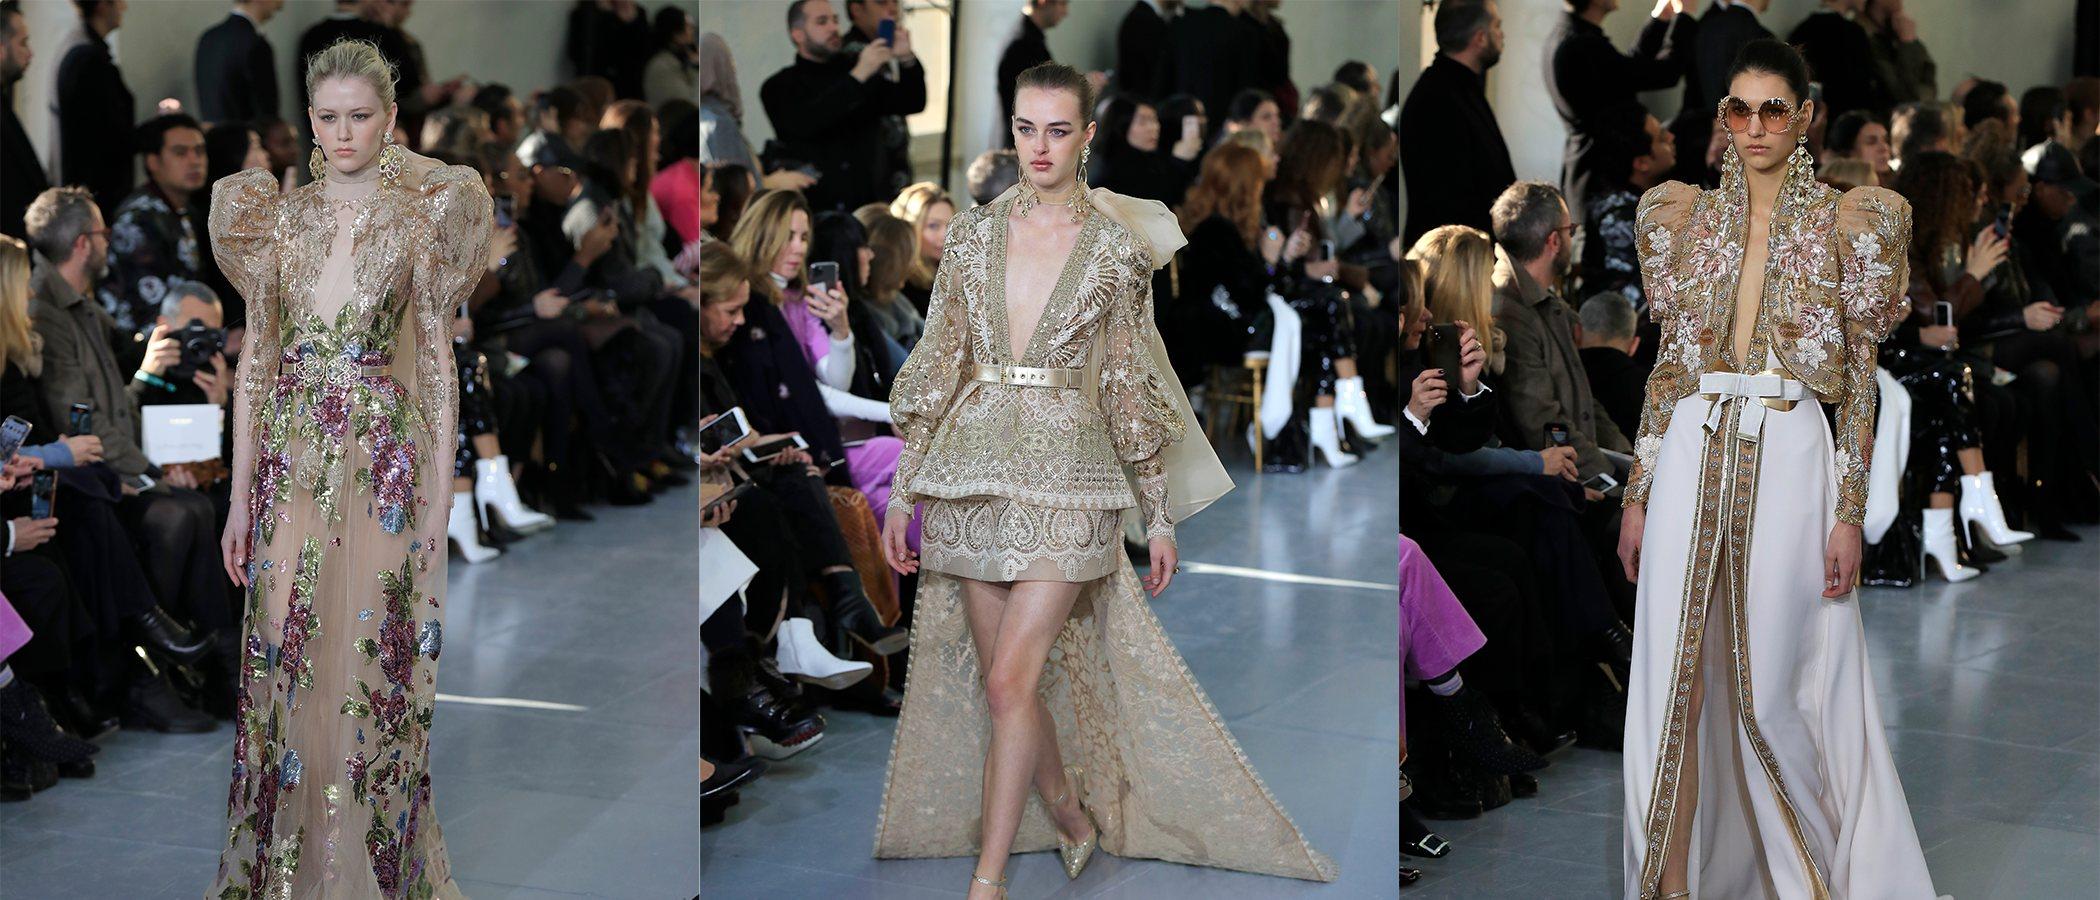 Los secretos de la estética imperial en el desfile de Alta Costura de Elie Saab